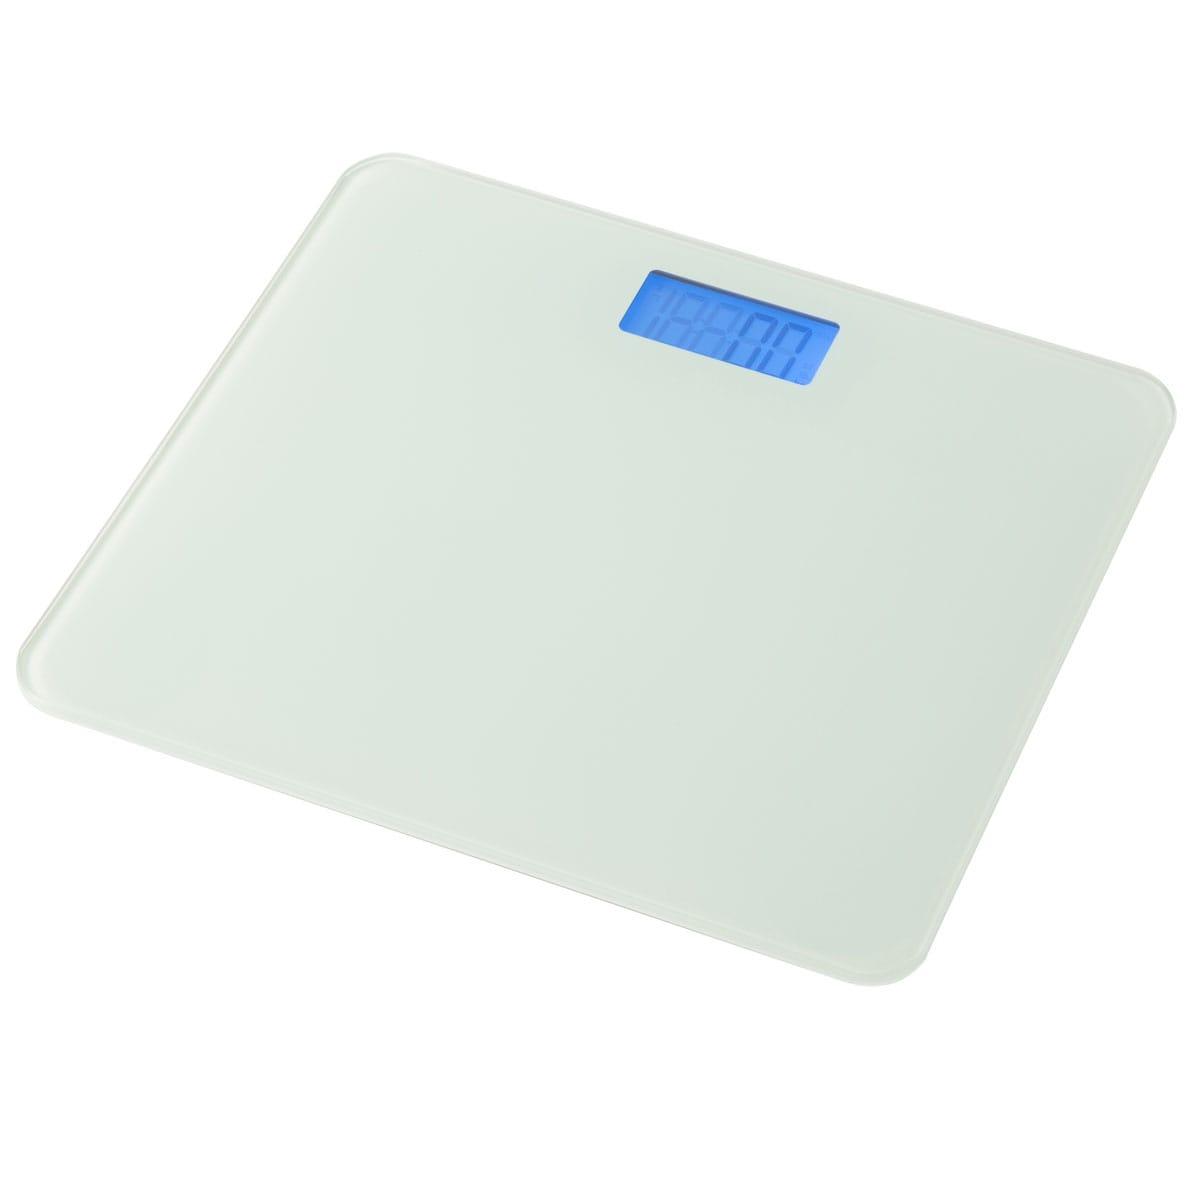 おすすめのコンパクトな体重計・体組成計10選!選び方も徹底解説のサムネイル画像